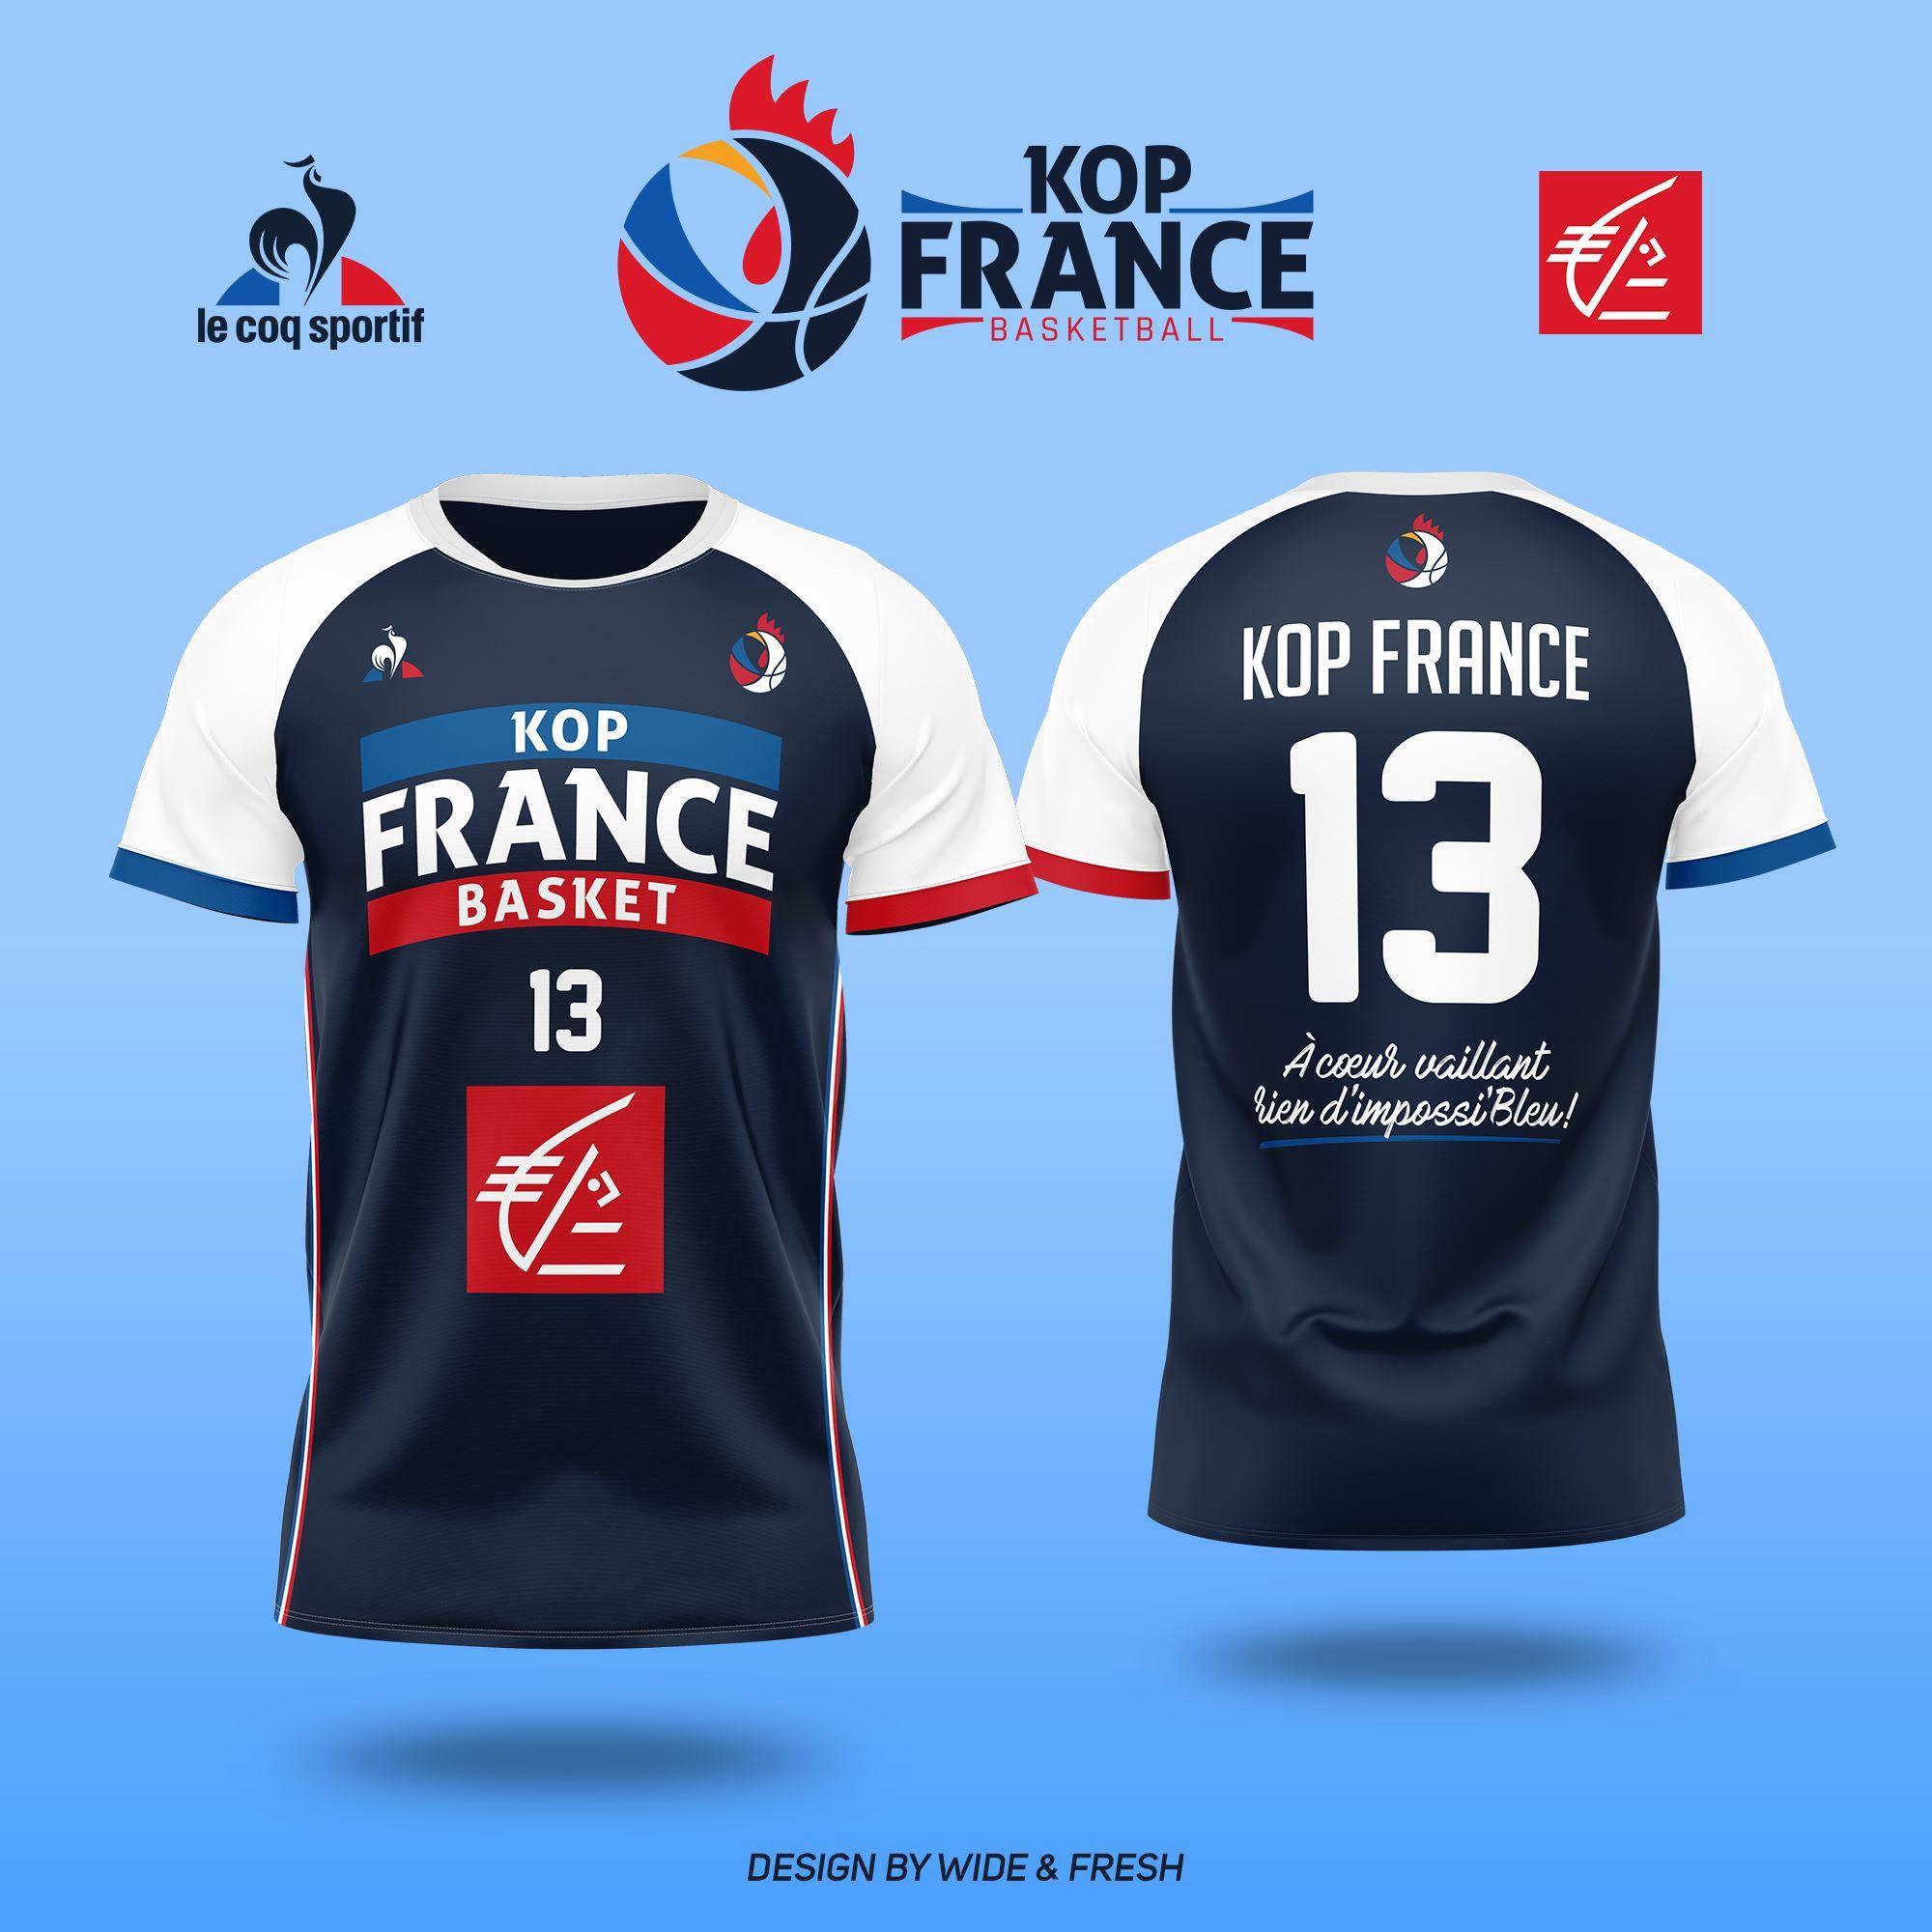 Les nouveaux maillots du Kop France Basket sont disponibles !